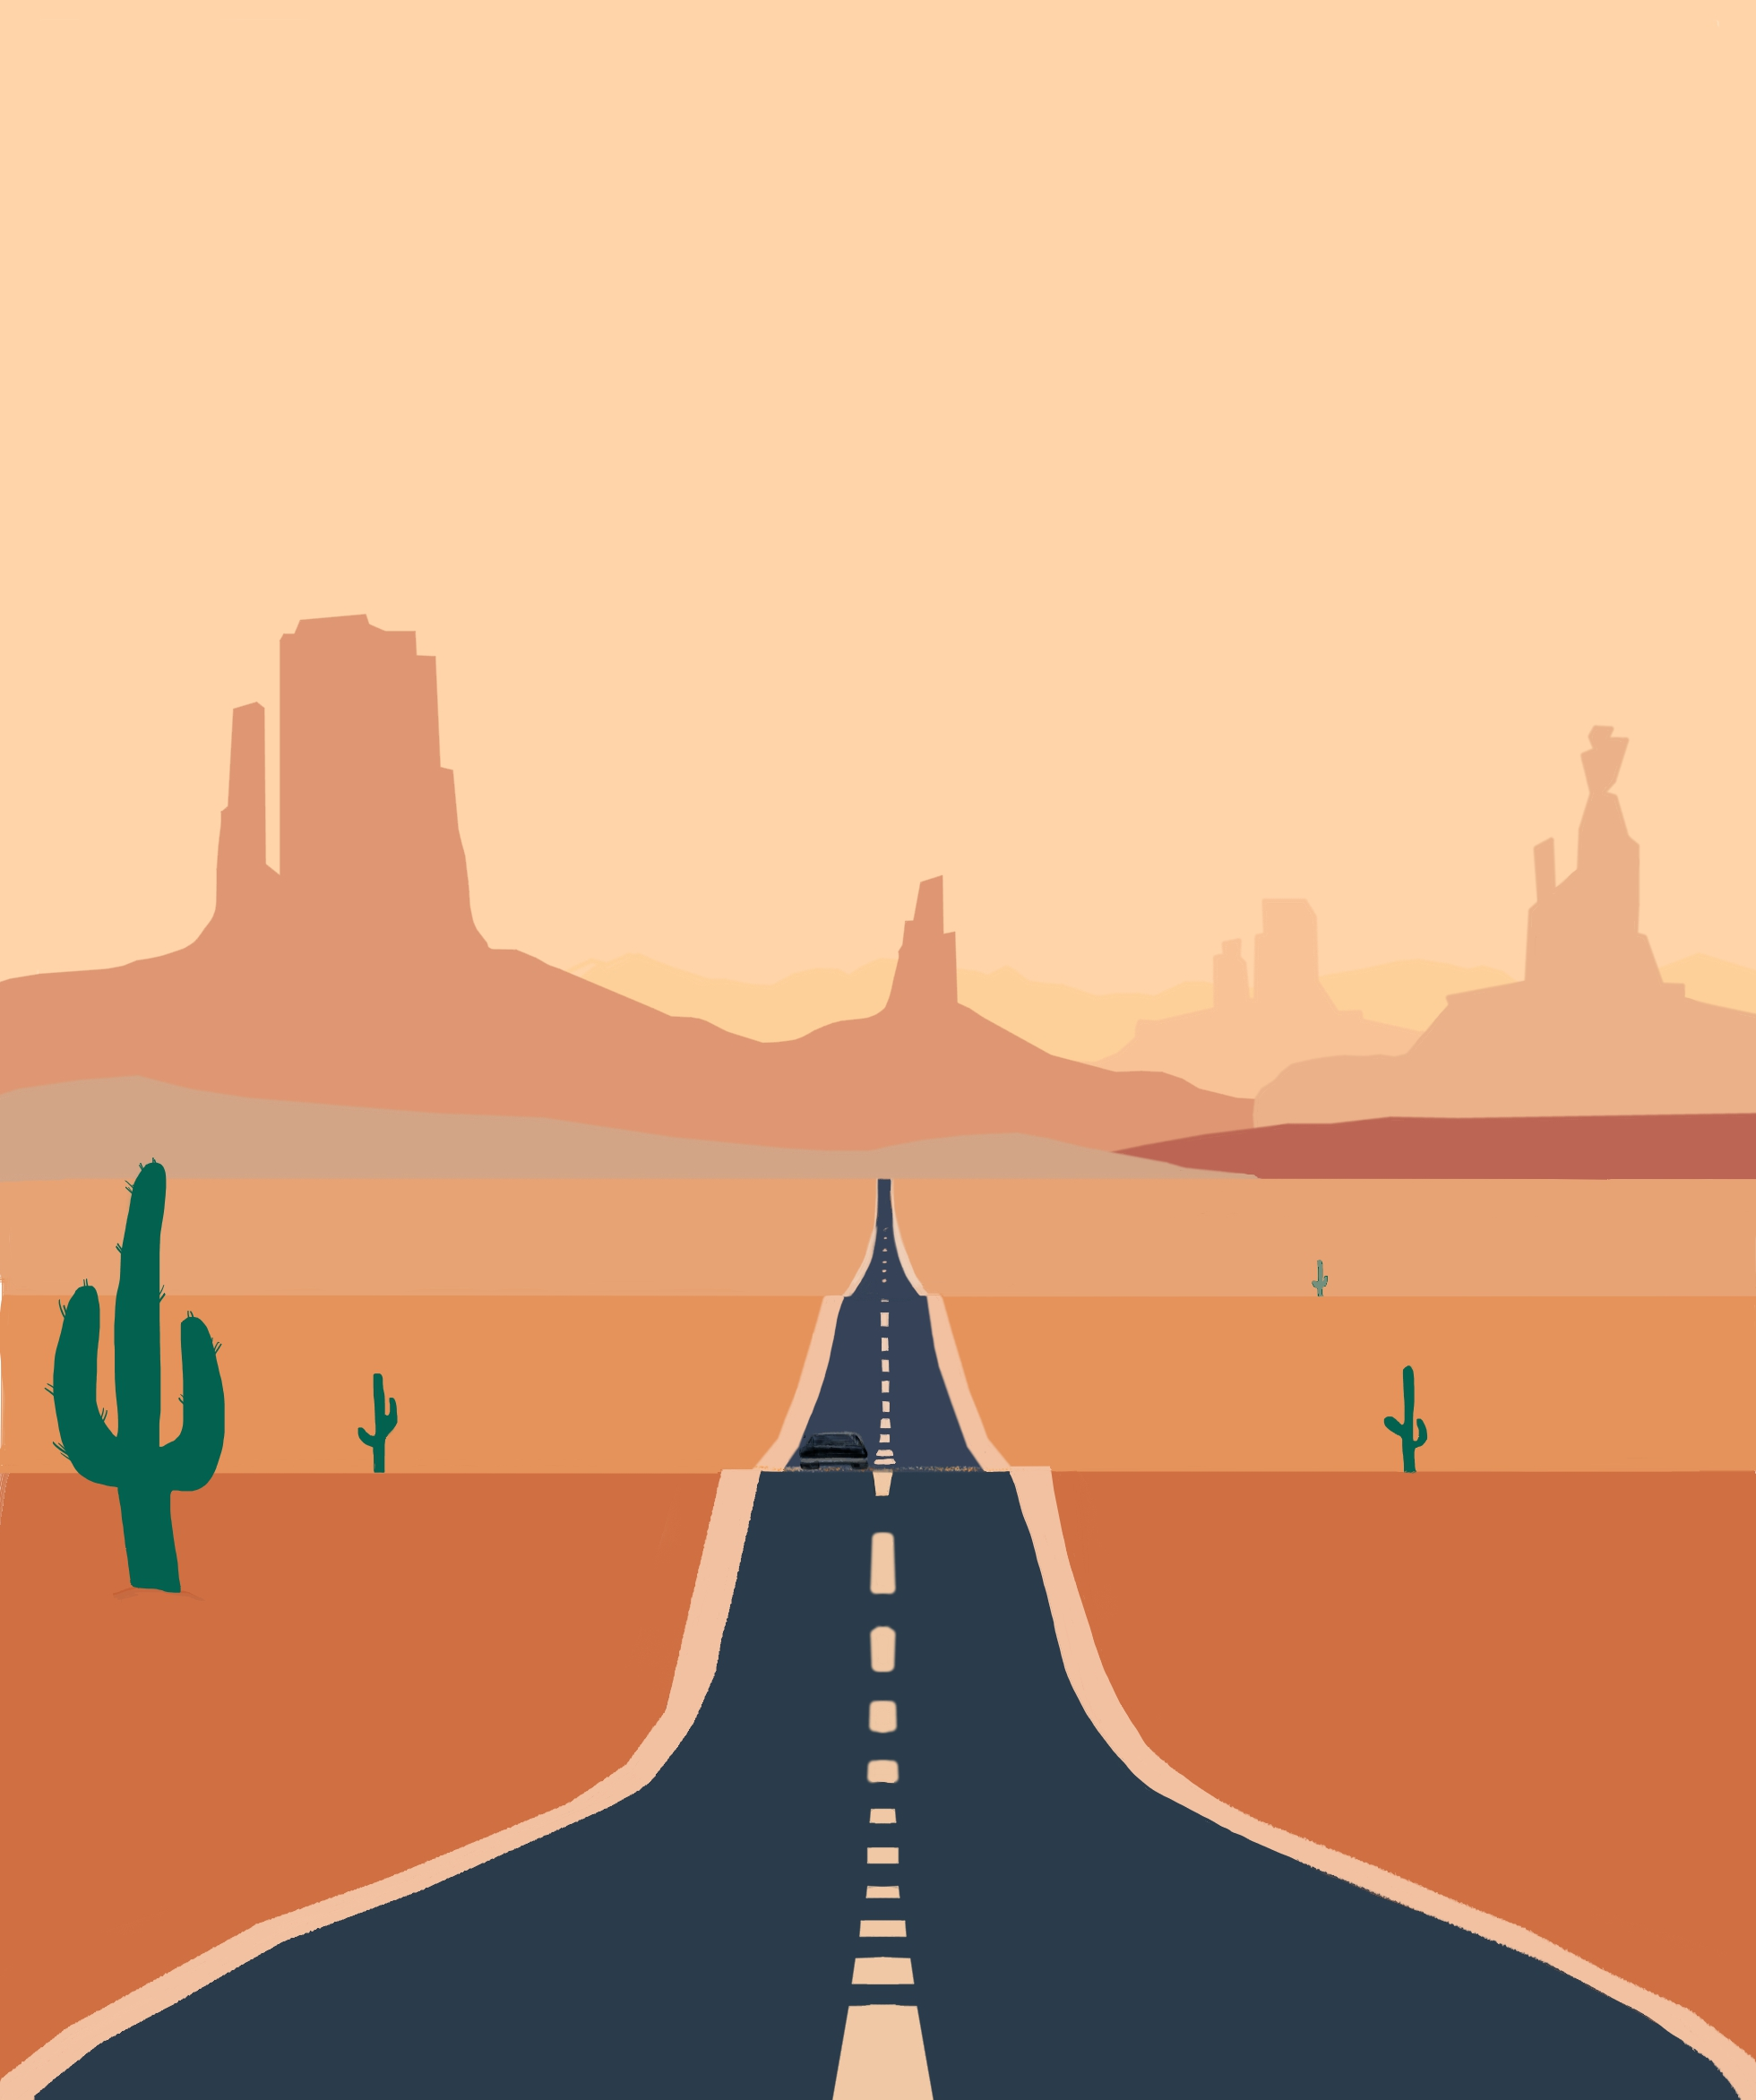 canyon trip